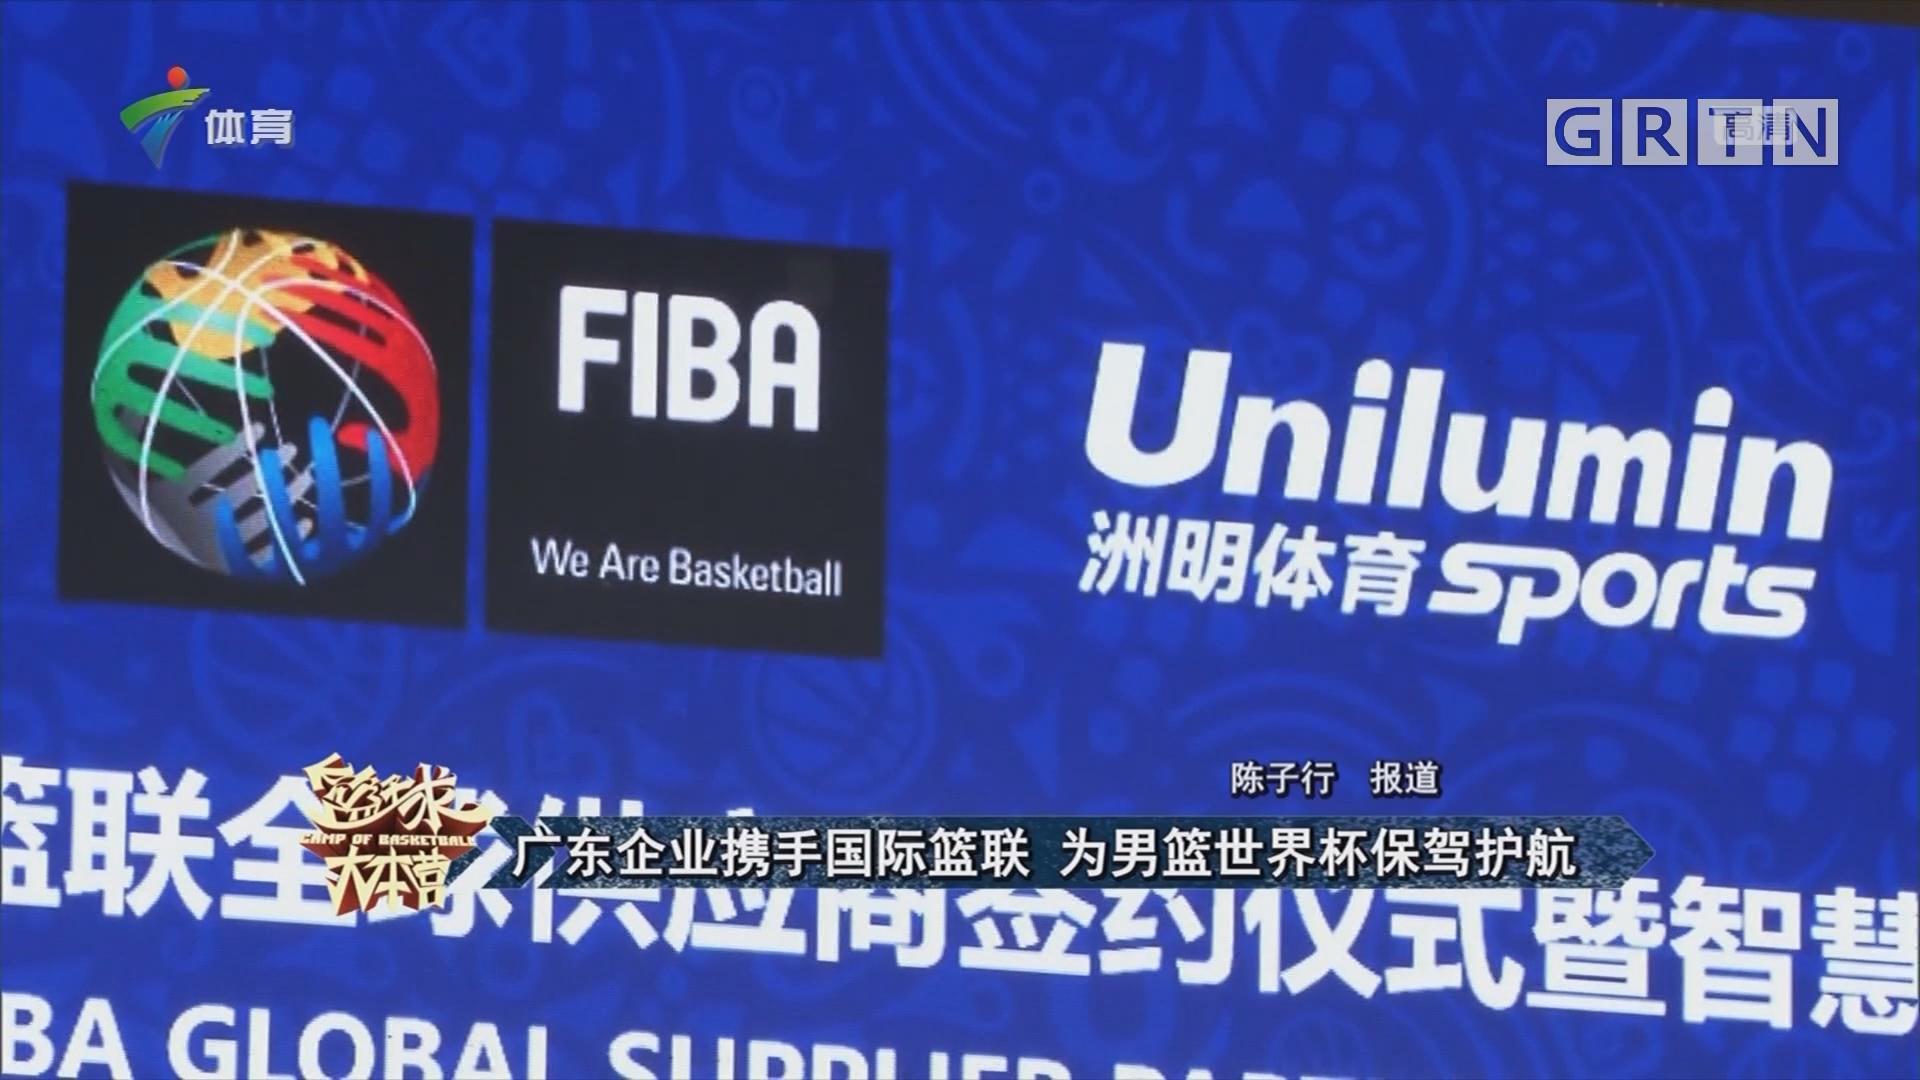 广东企业携手国际篮联 为男篮世界杯保驾护航